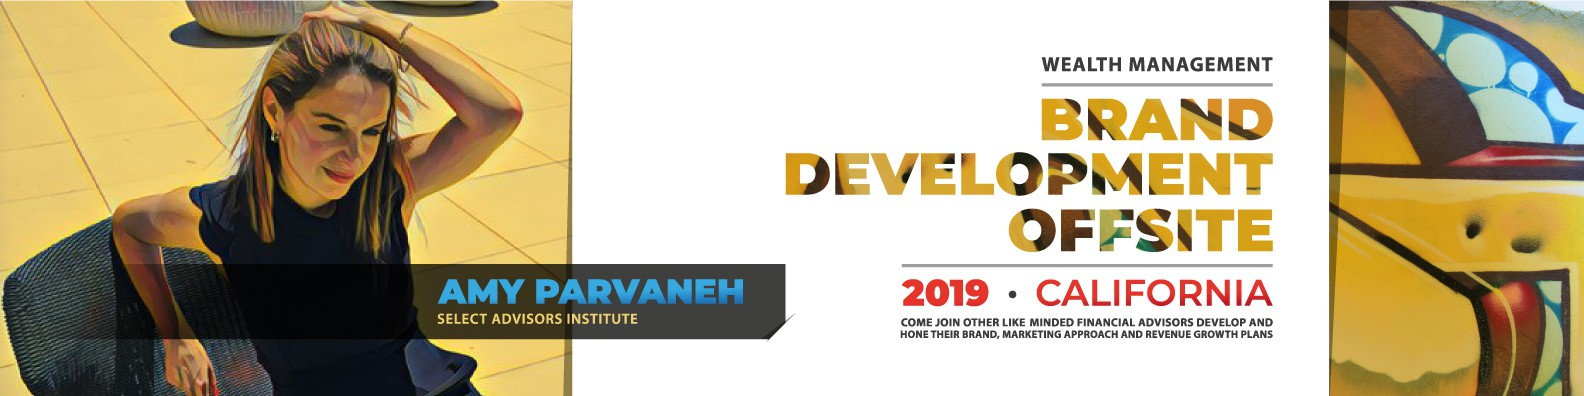 Select Advisors Brand Development Offsite (BDO) for Short